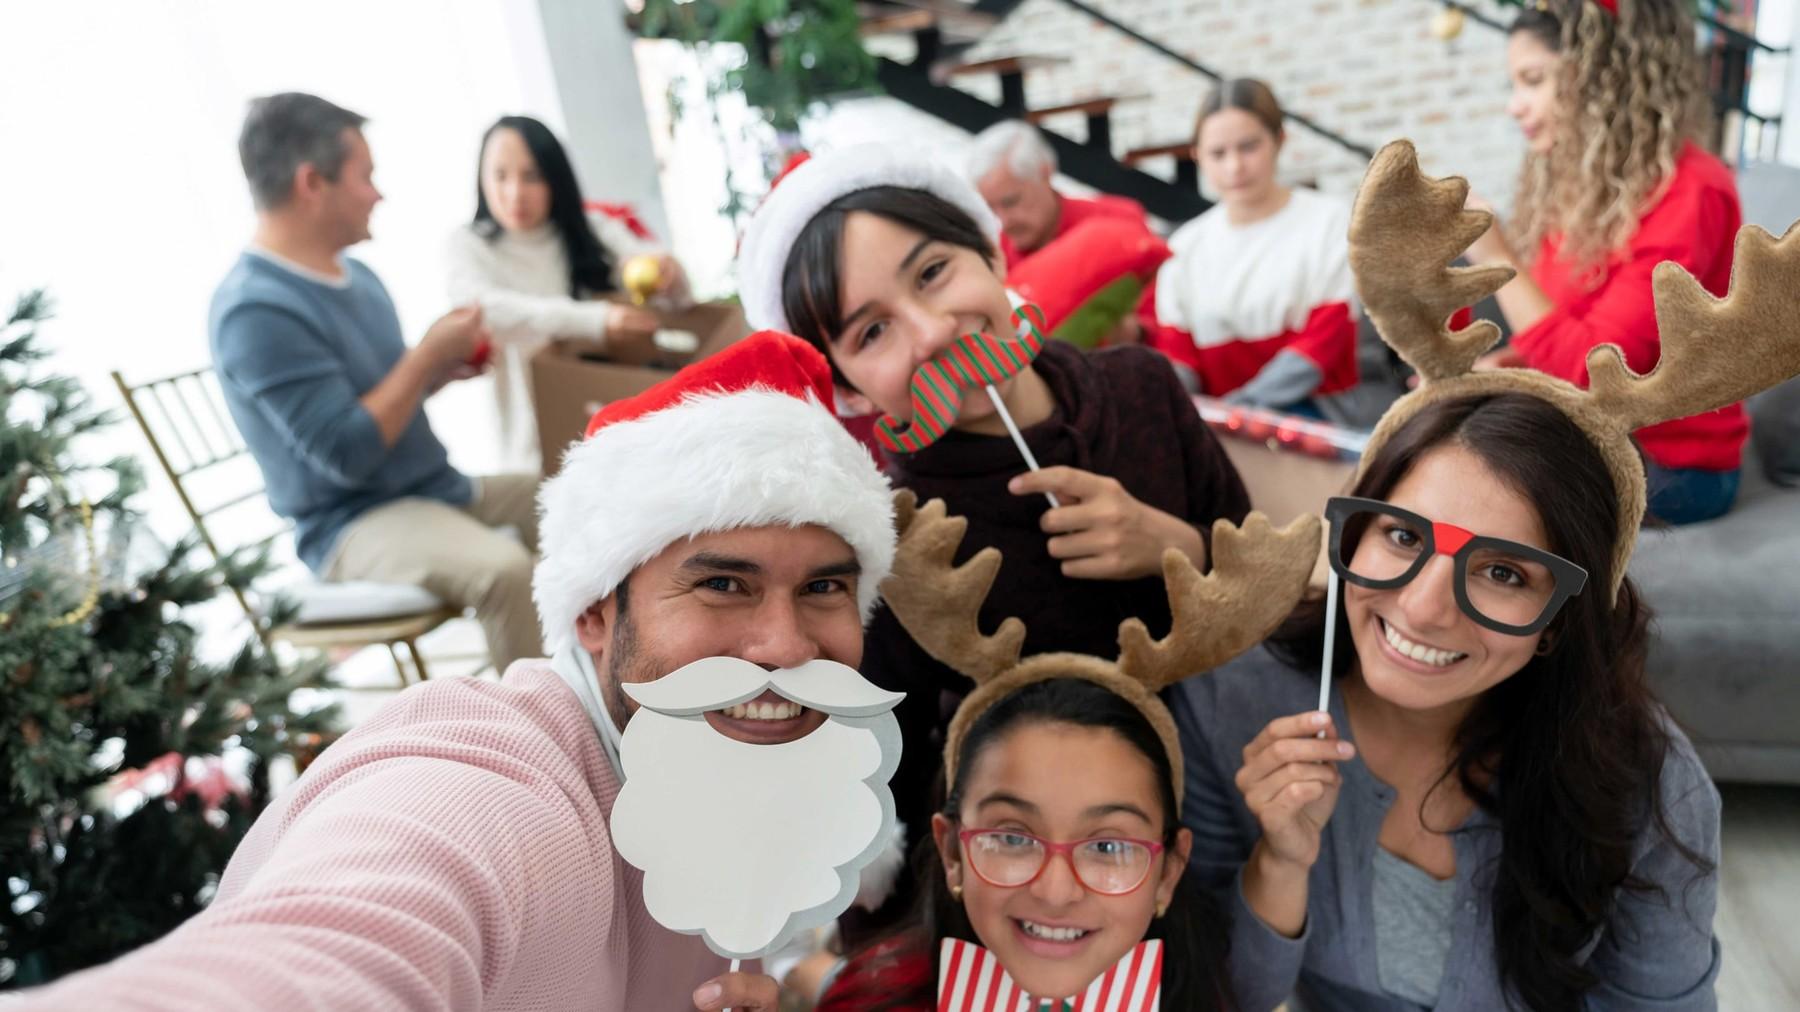 Familia escribiendo cartas en navidad